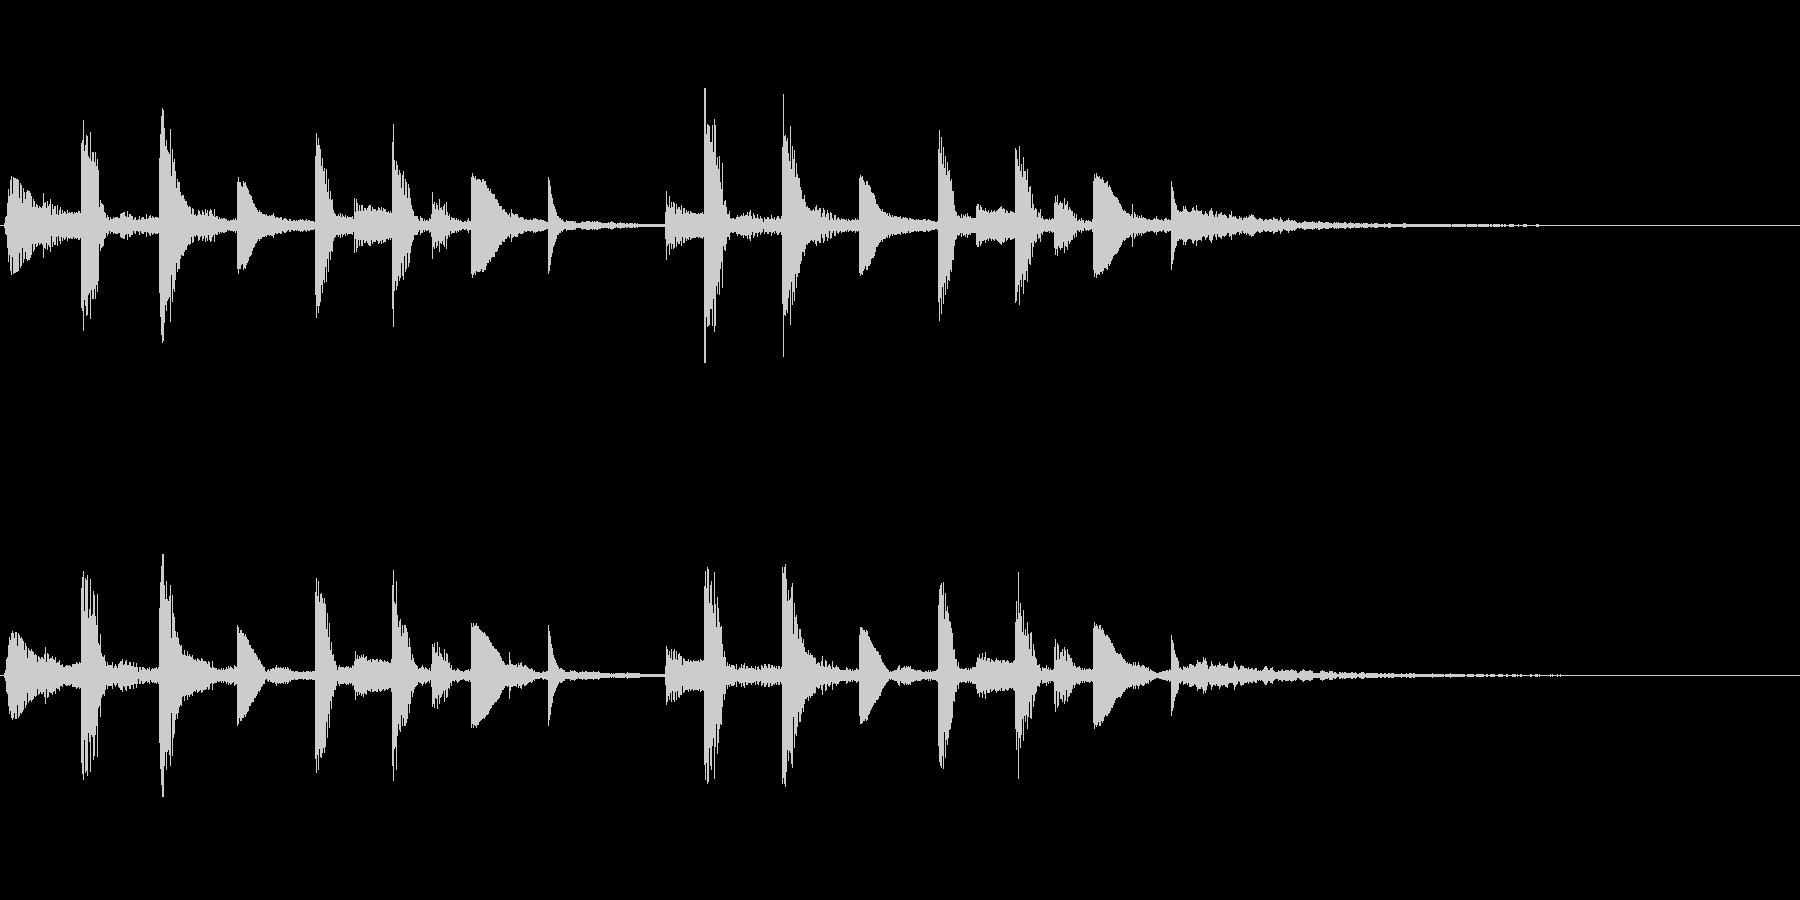 ミステリー映像作品の場面転換音ですの未再生の波形